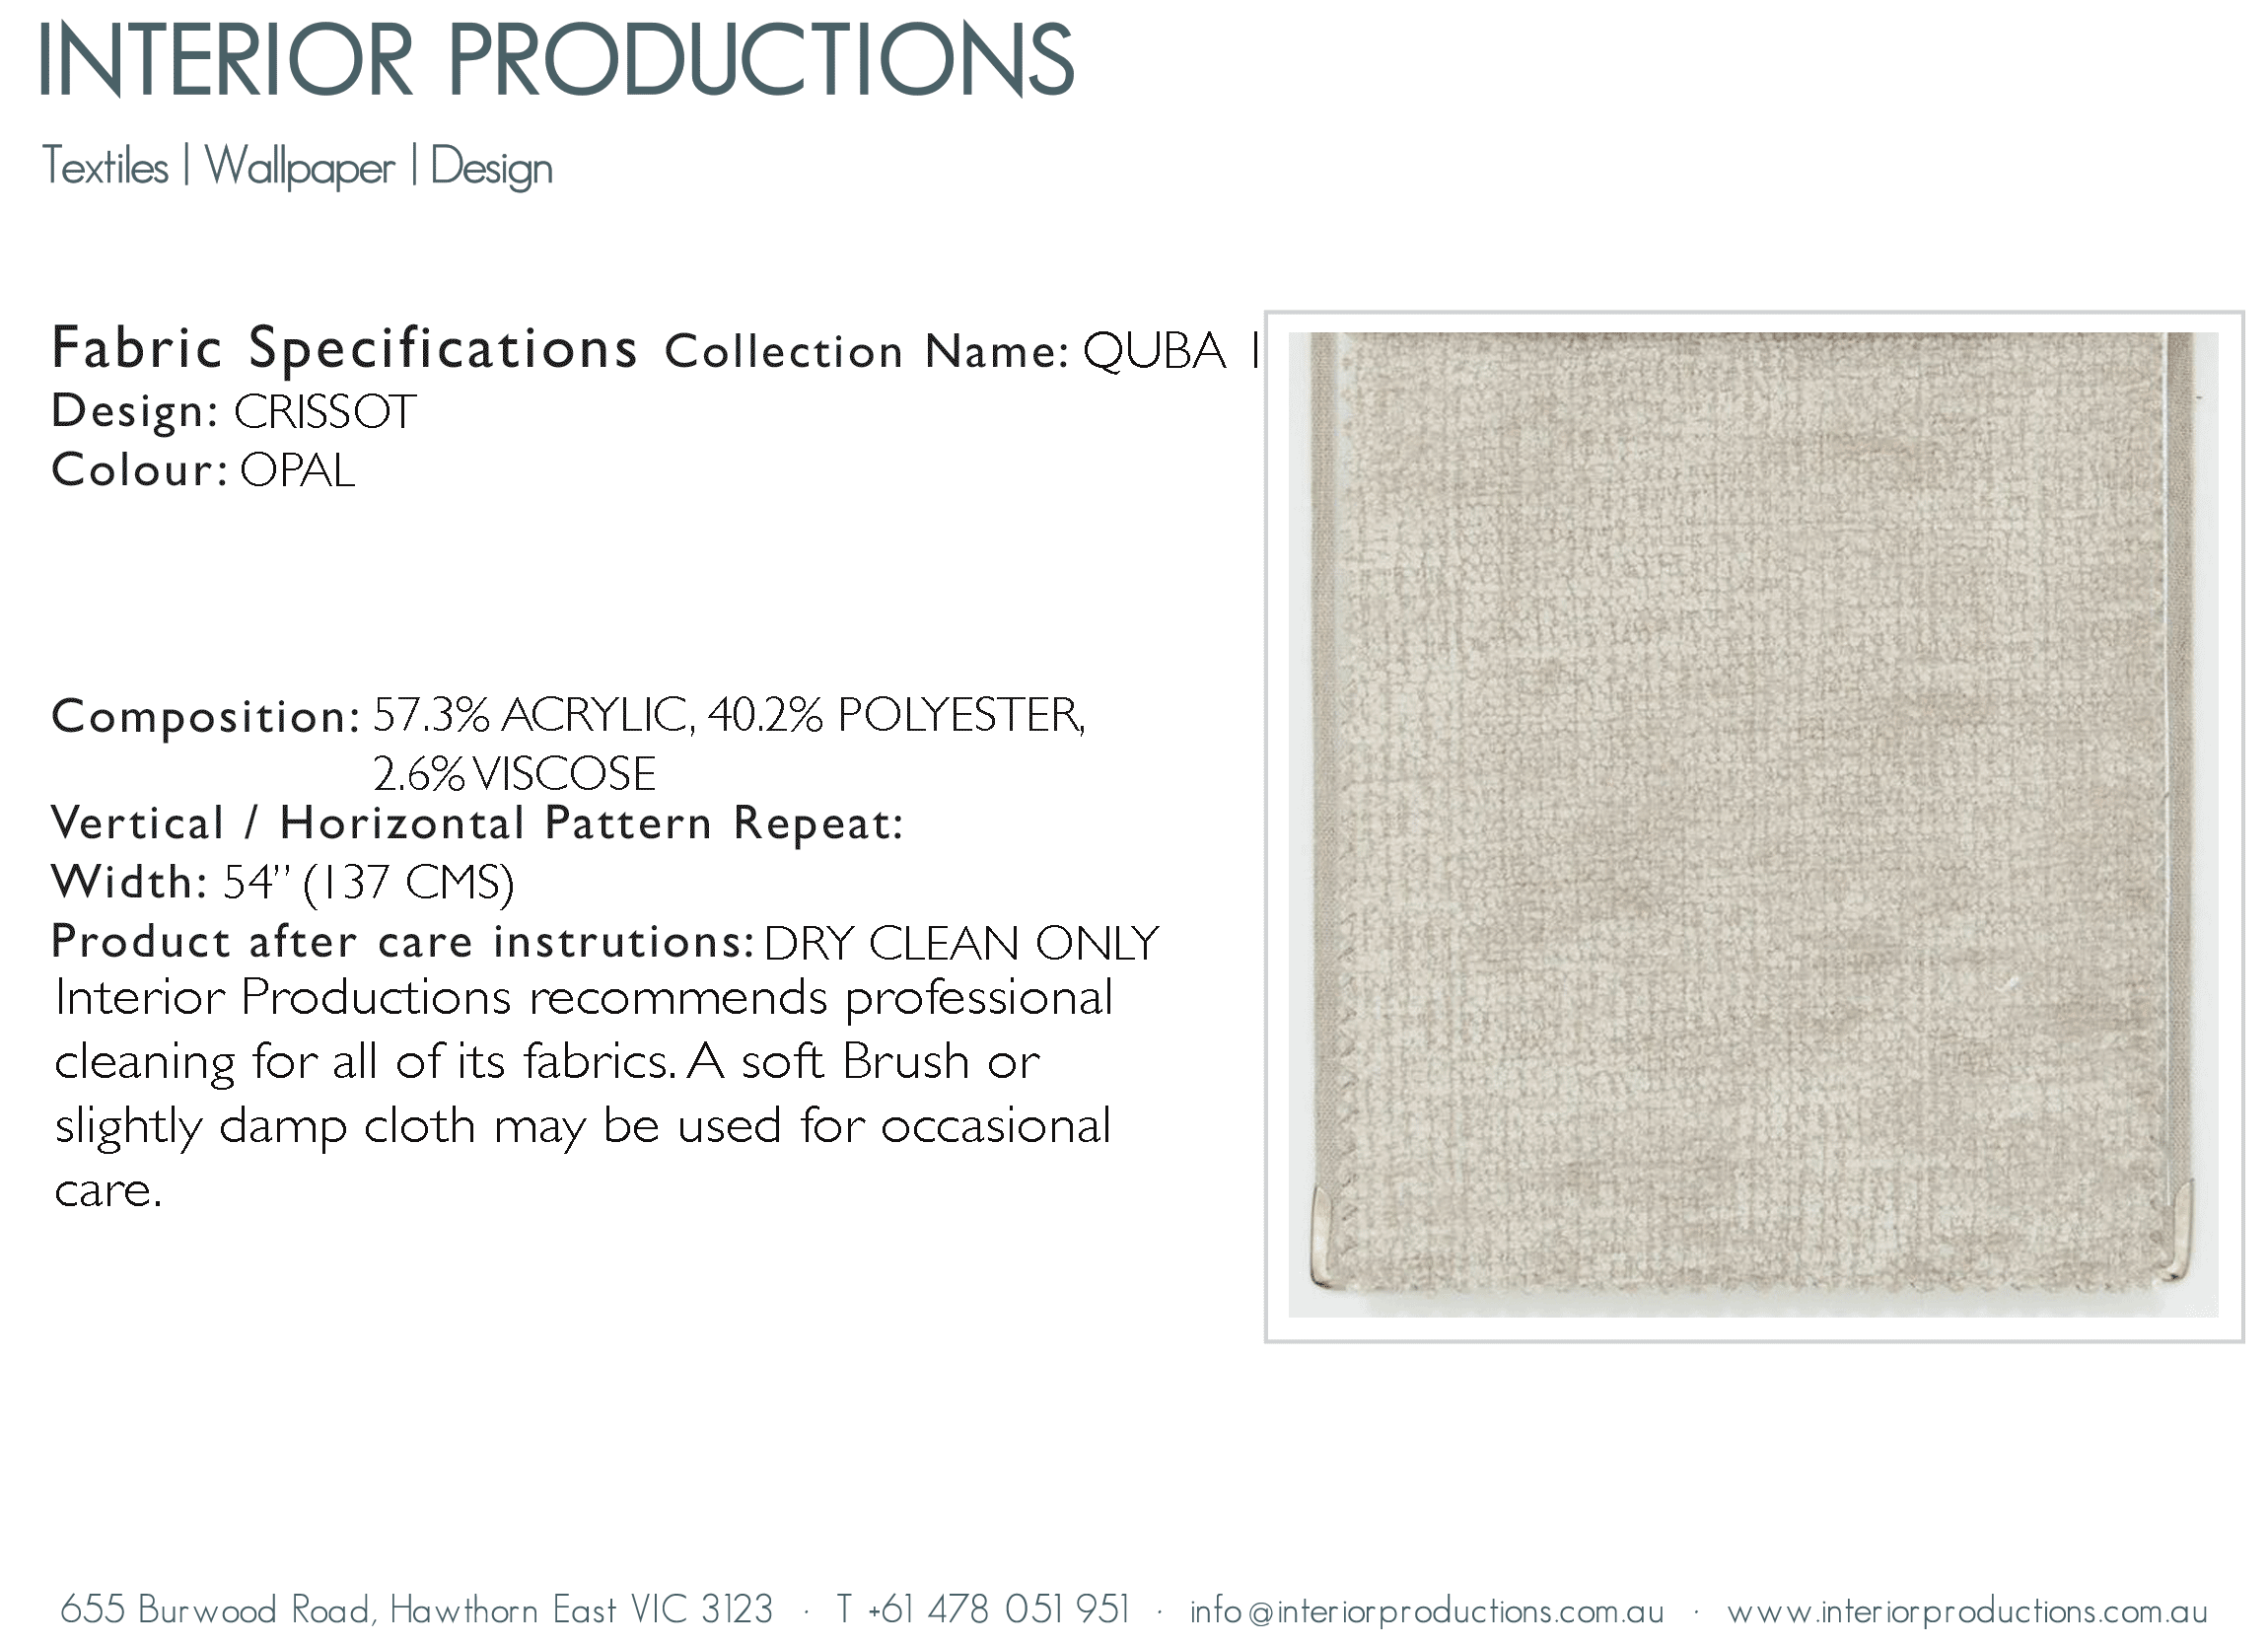 interior_productions_CRISSOT---OPAL